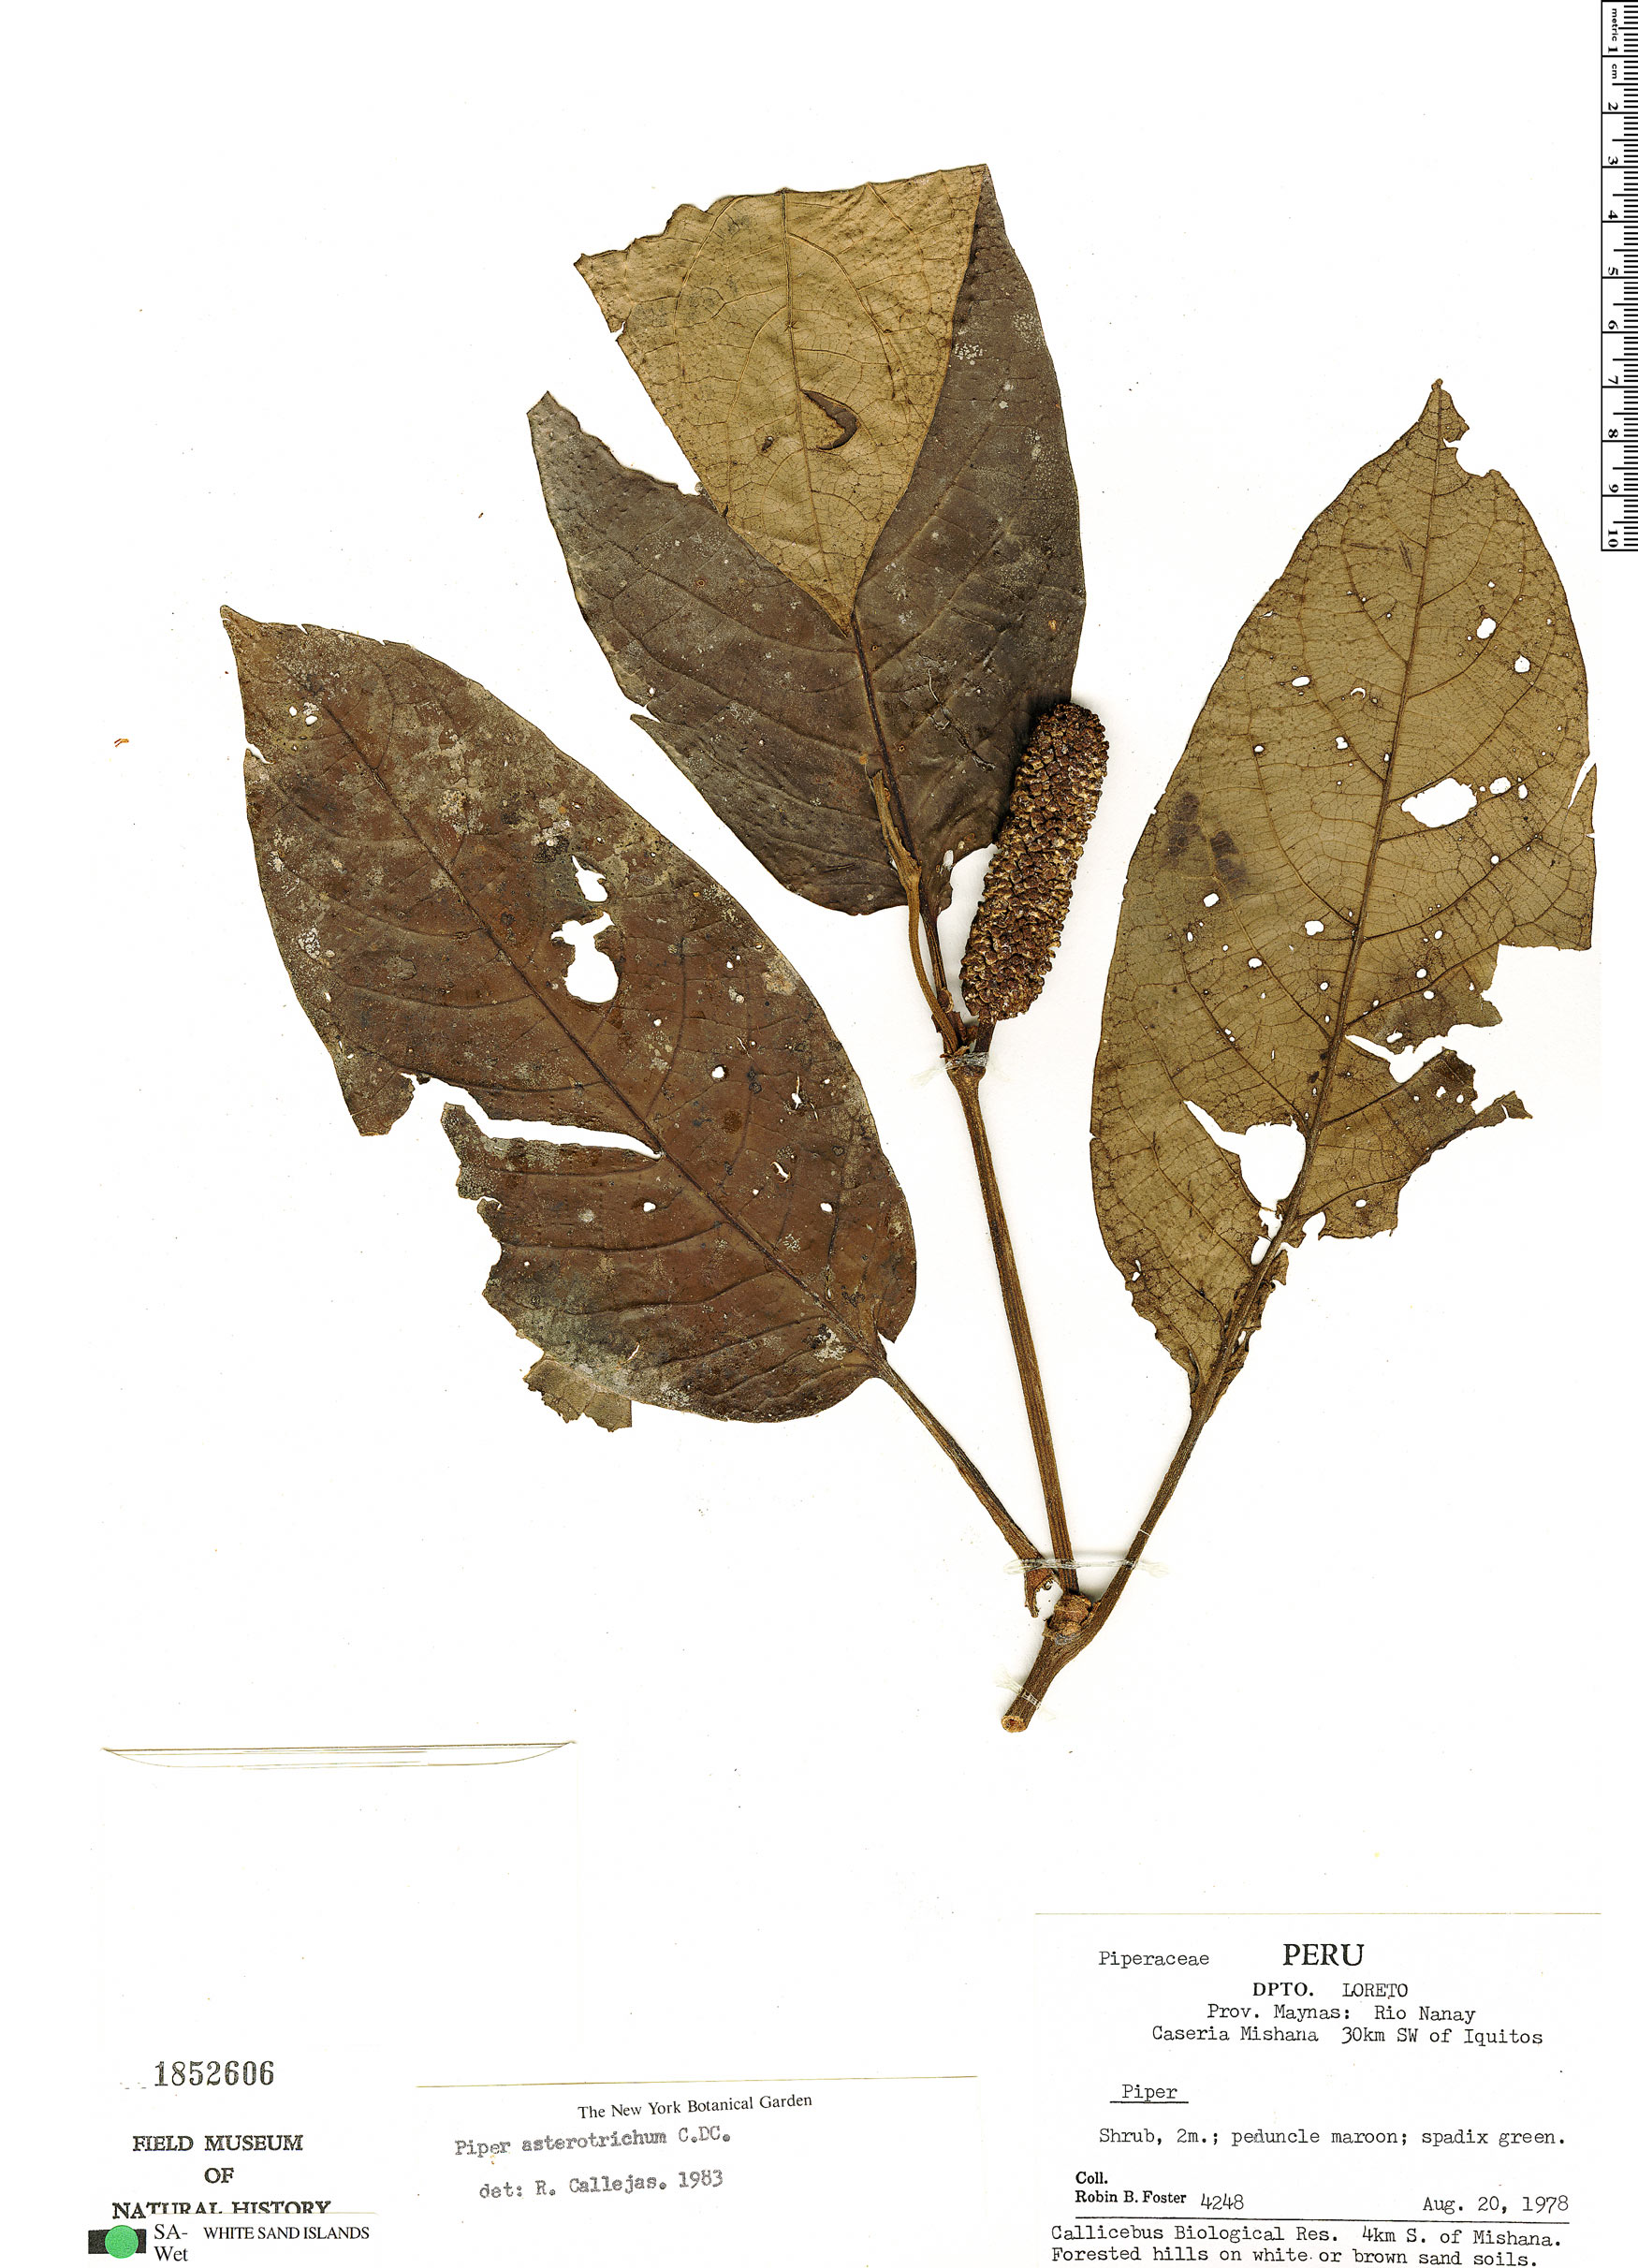 Specimen: Piper asterotrichum